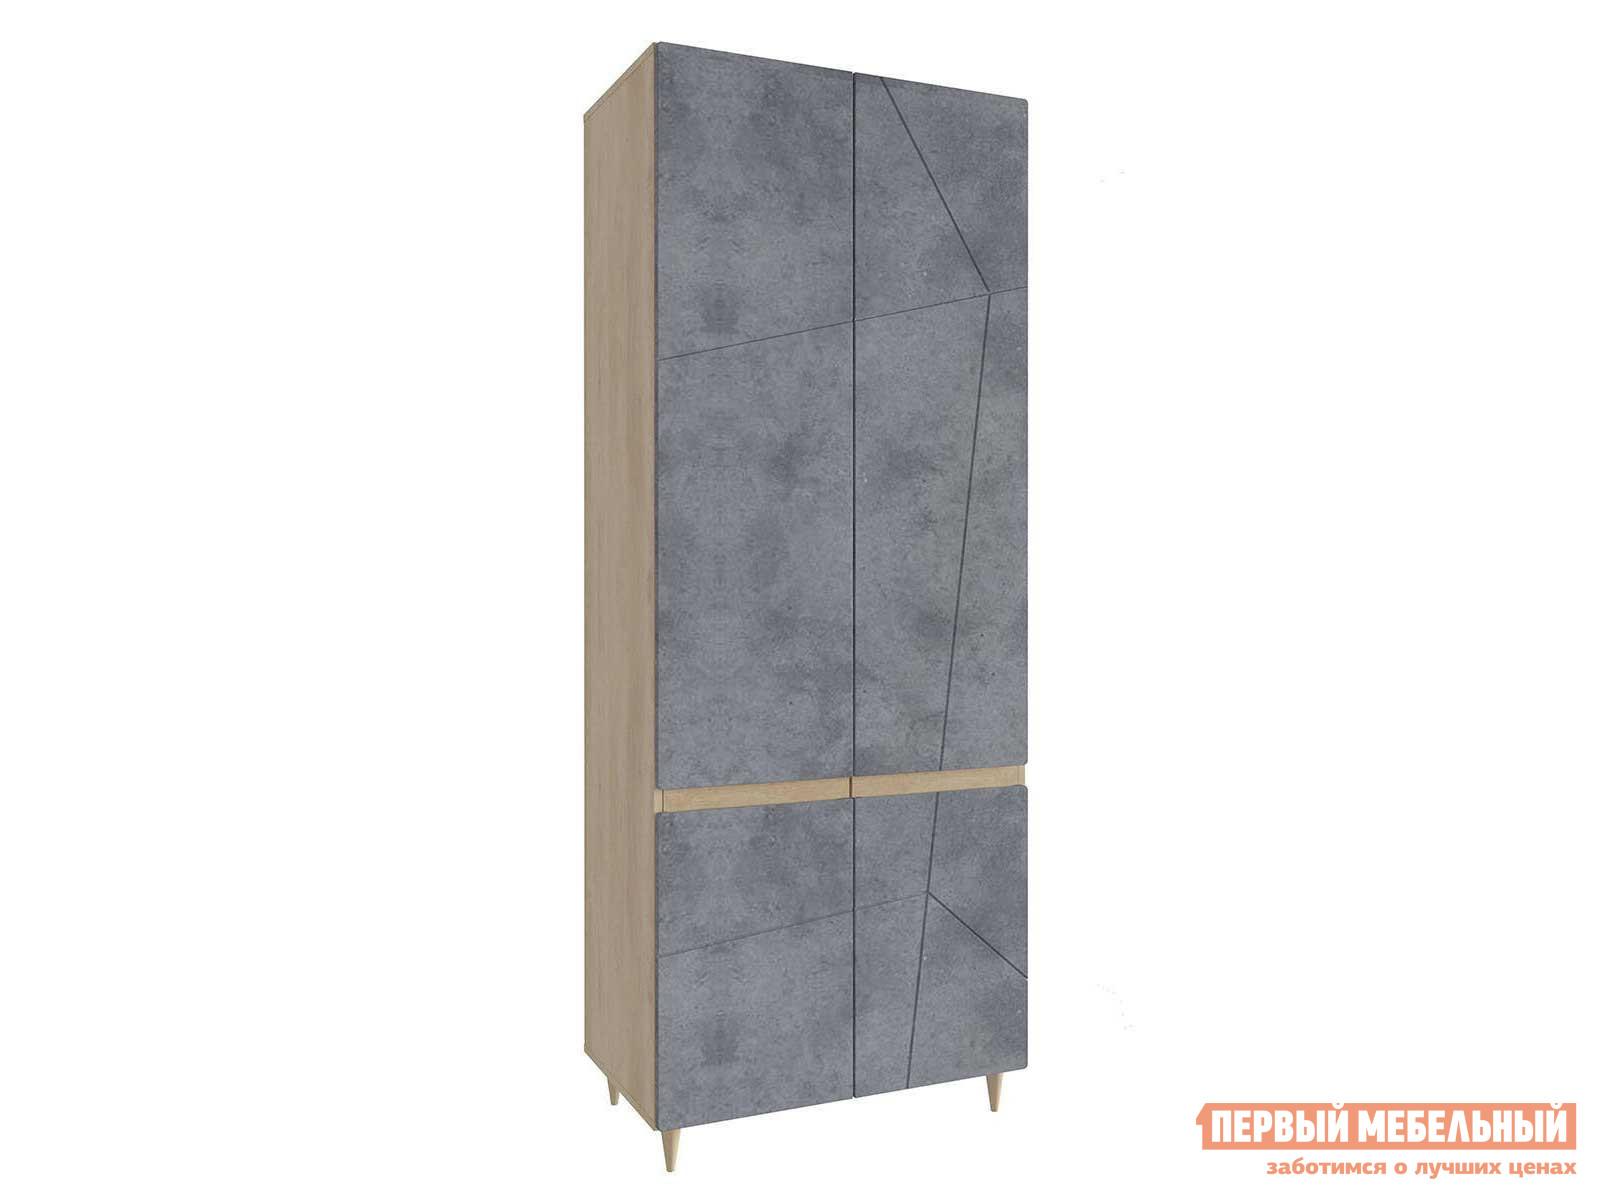 Шкаф распашной Первый Мебельный Шкаф 2-х дверный Самурай шкаф распашной первый мебельный шкаф 2 х дверный кальяри